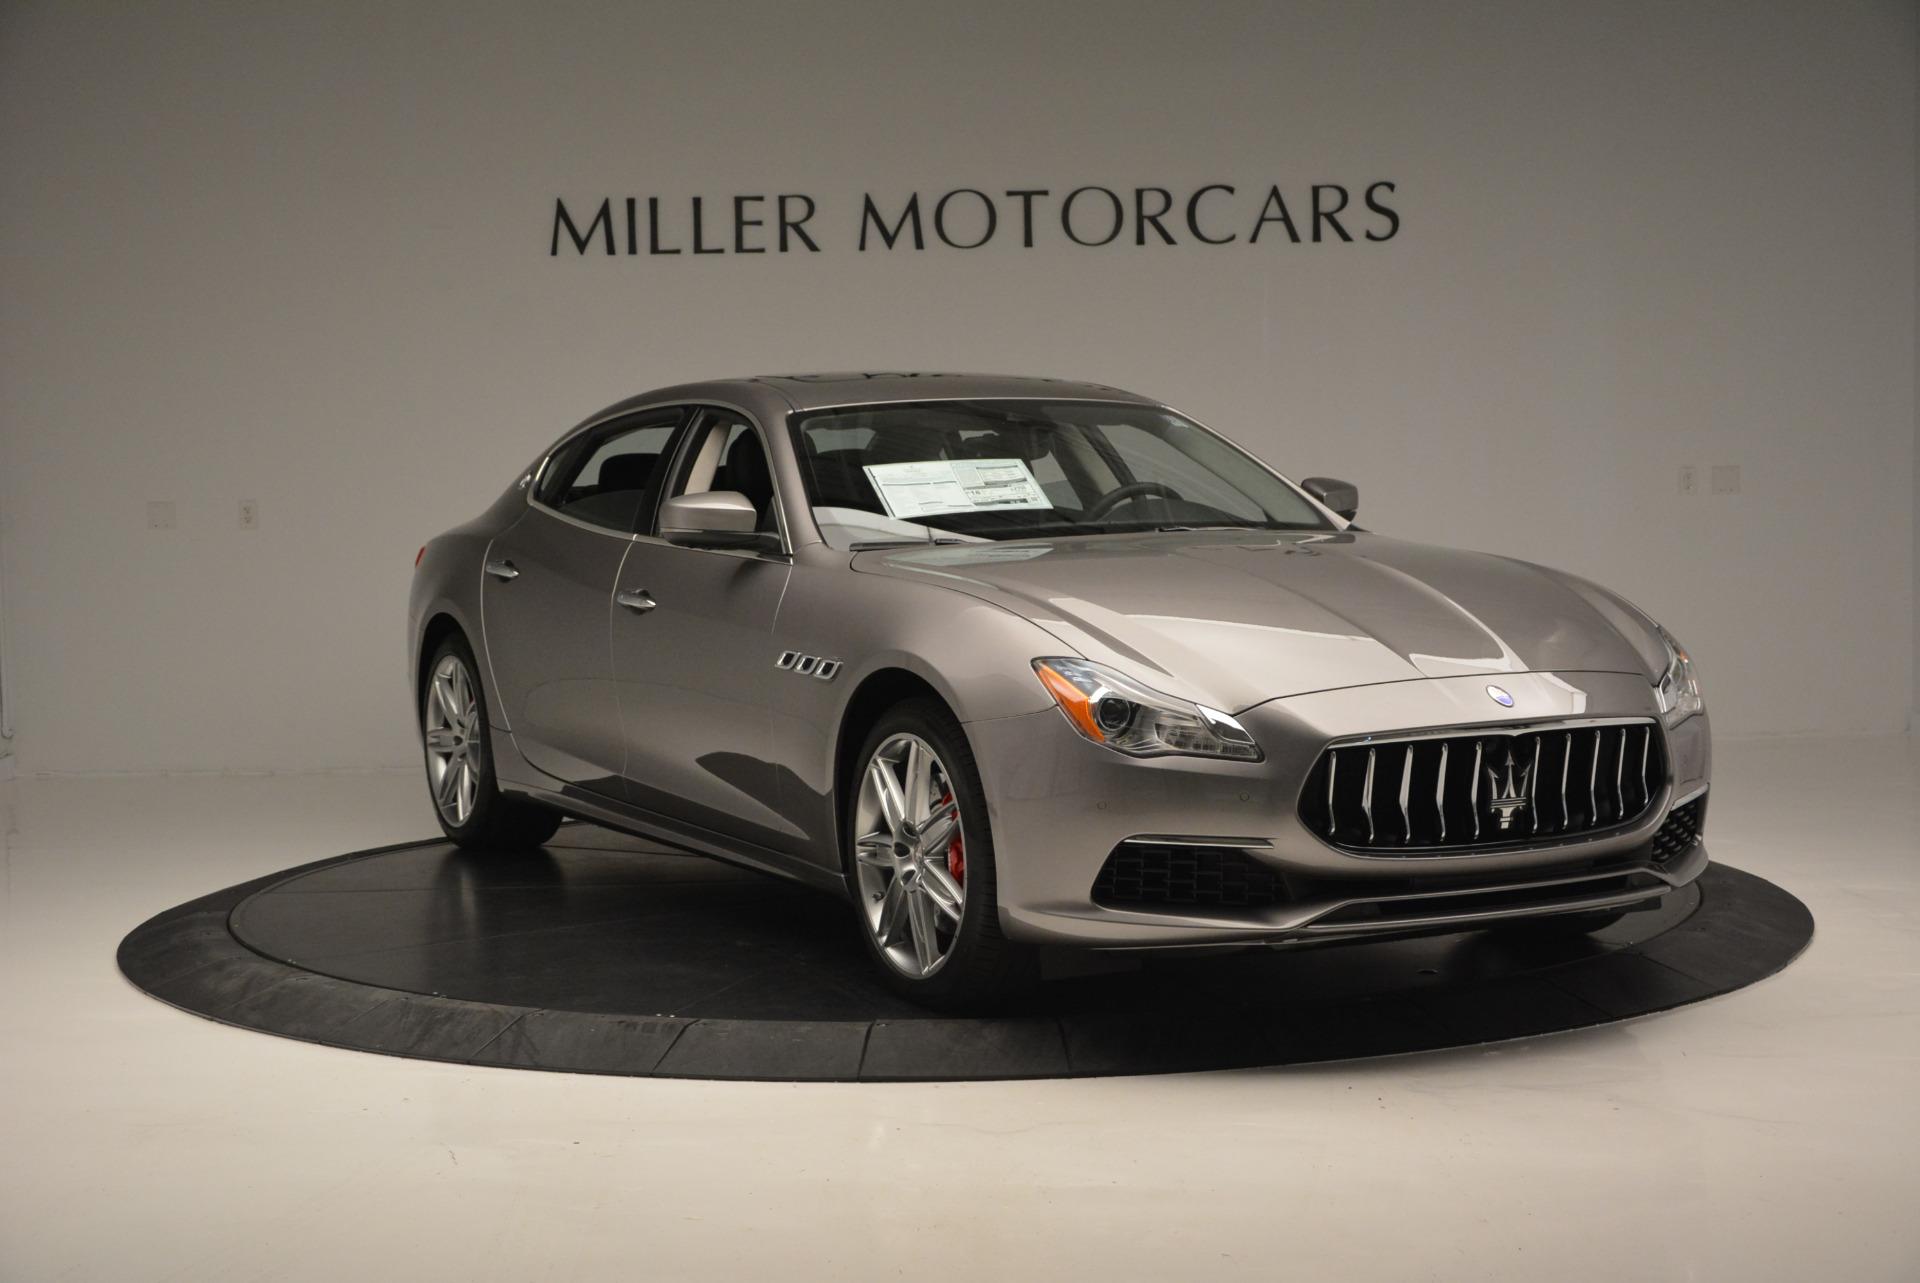 New 2017 Maserati Quattroporte S Q4 GranLusso For Sale In Greenwich, CT. Alfa Romeo of Greenwich, M1686 611_p11